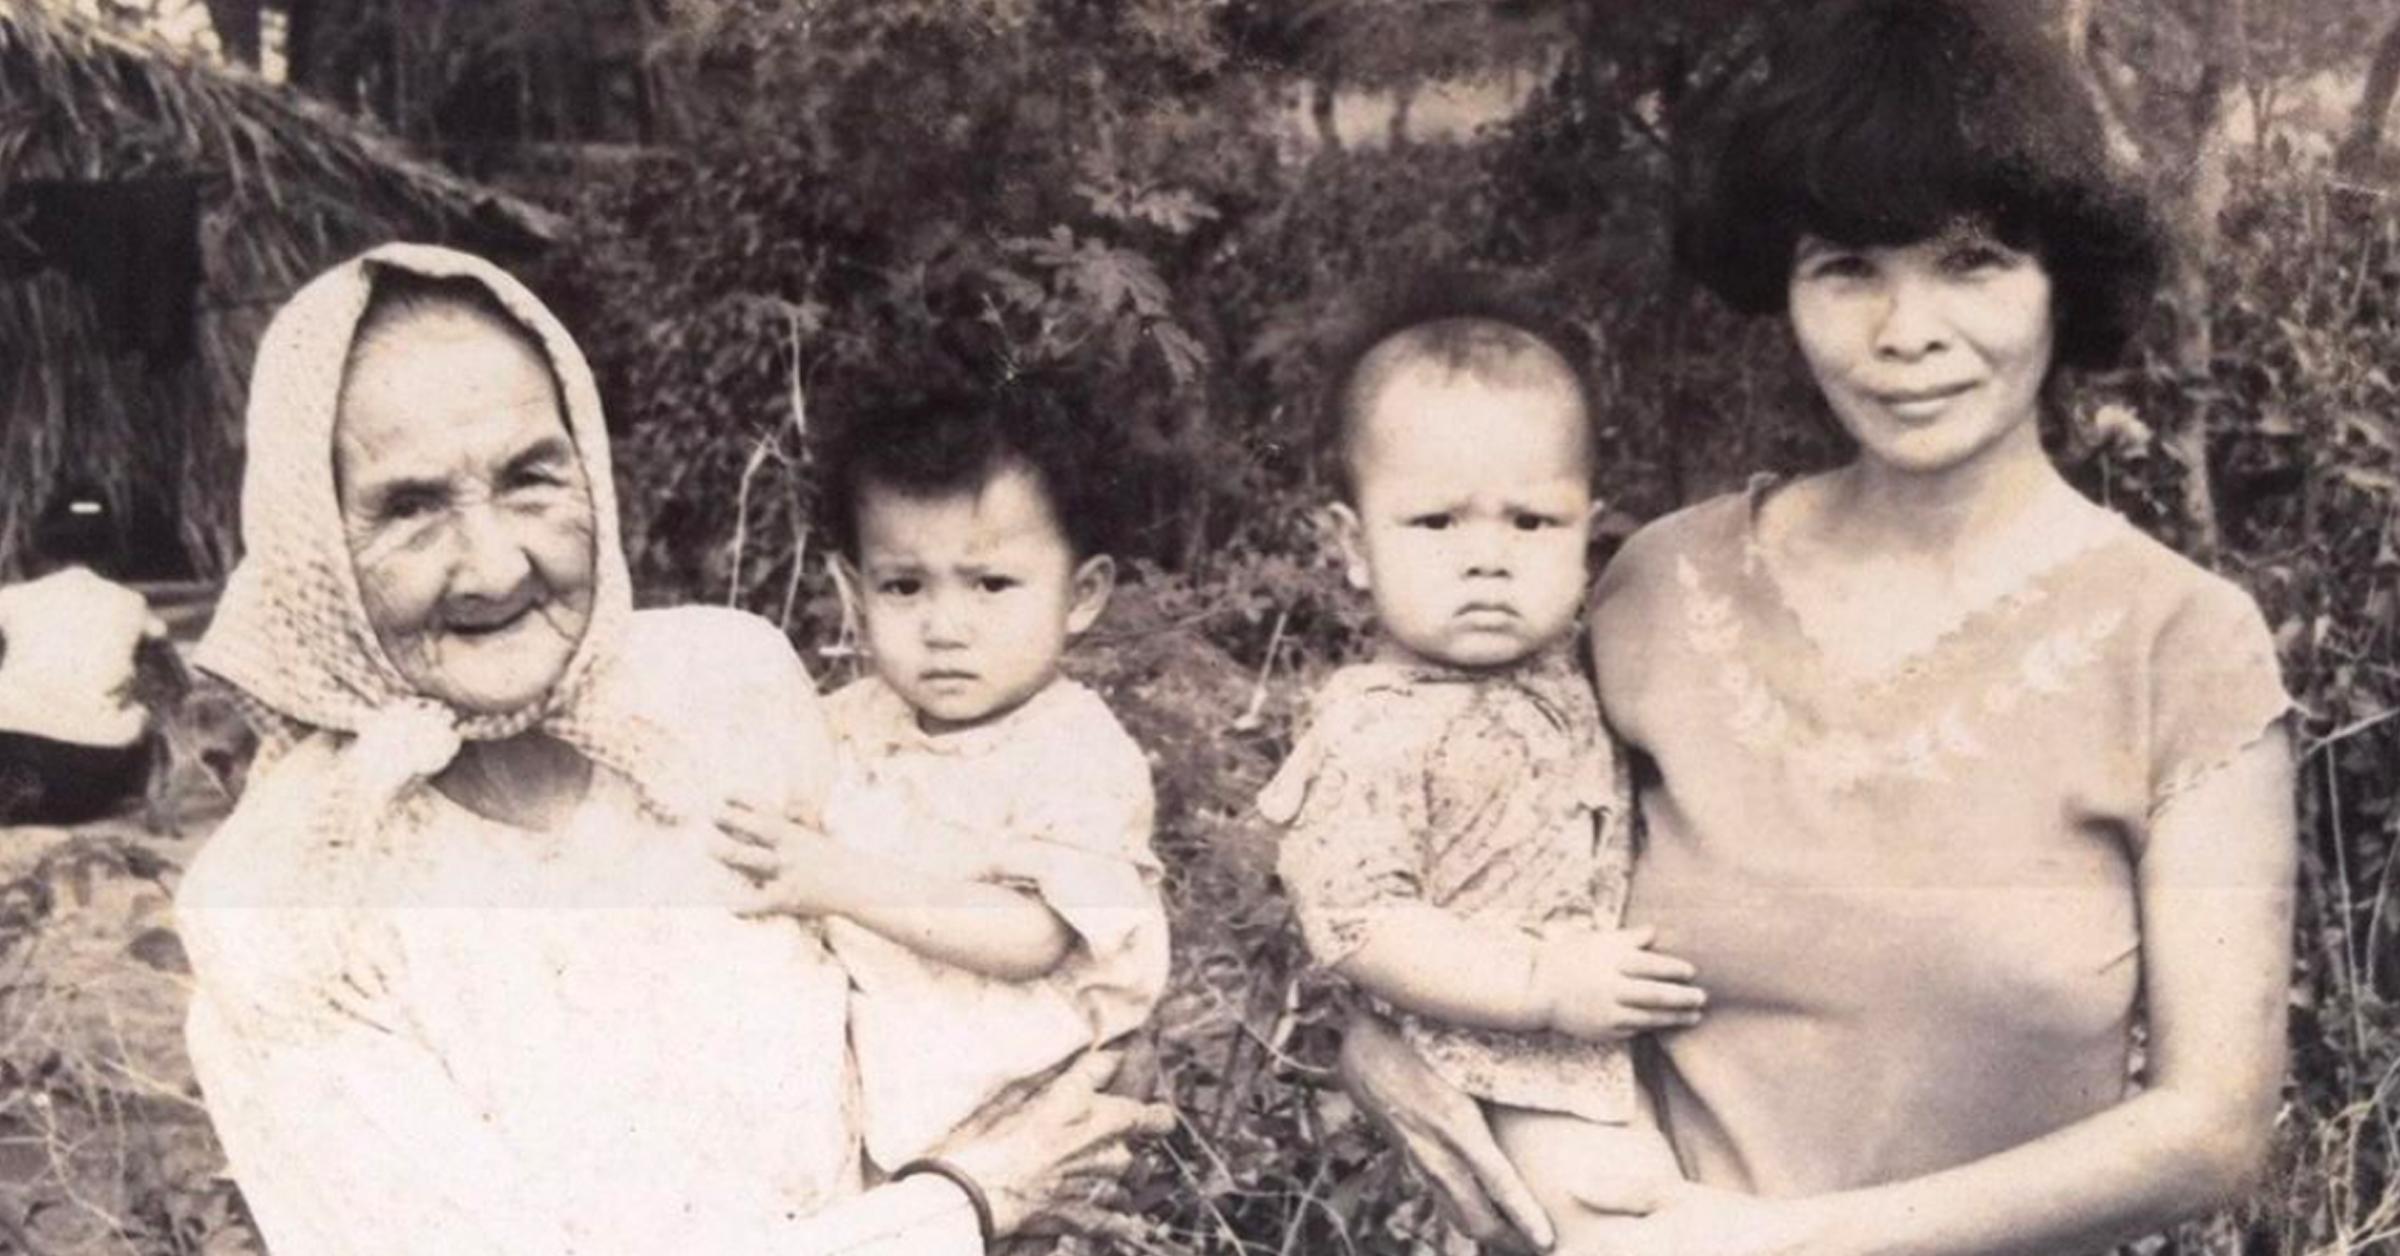 Ocean Vuong tillsammans med sin gammelmormor Bùi Thi Dong och mormor Lê Thi Bảy.